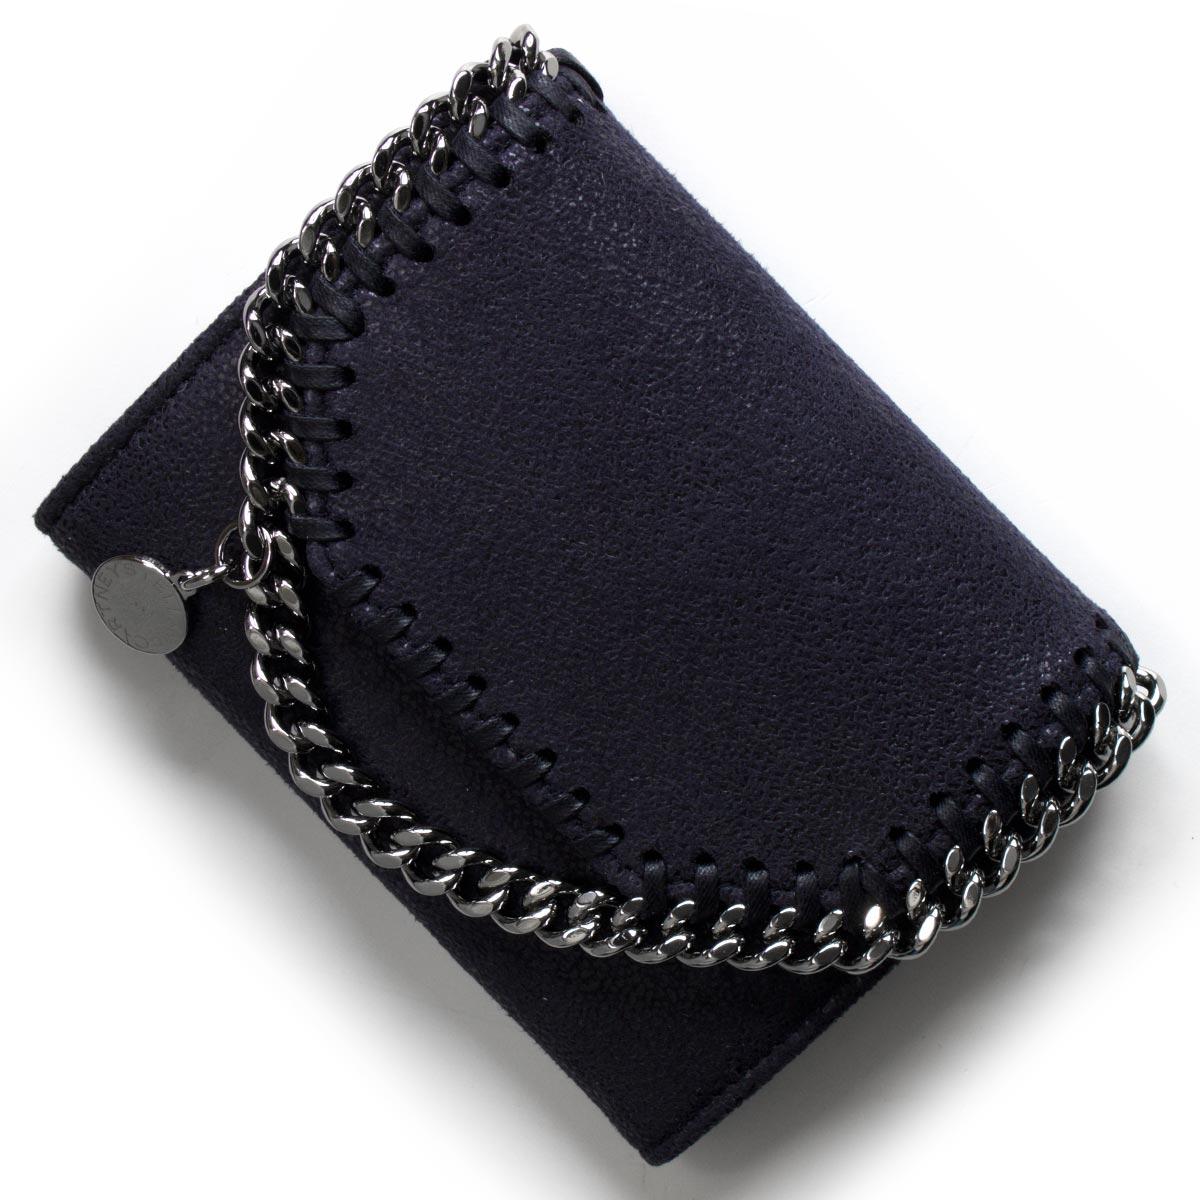 ステラマッカートニー 二つ折り財布 財布 レディース ファラベラ シャギー スモール ネイビー 391836 W9132 4061 STELLA McCARTHNEY